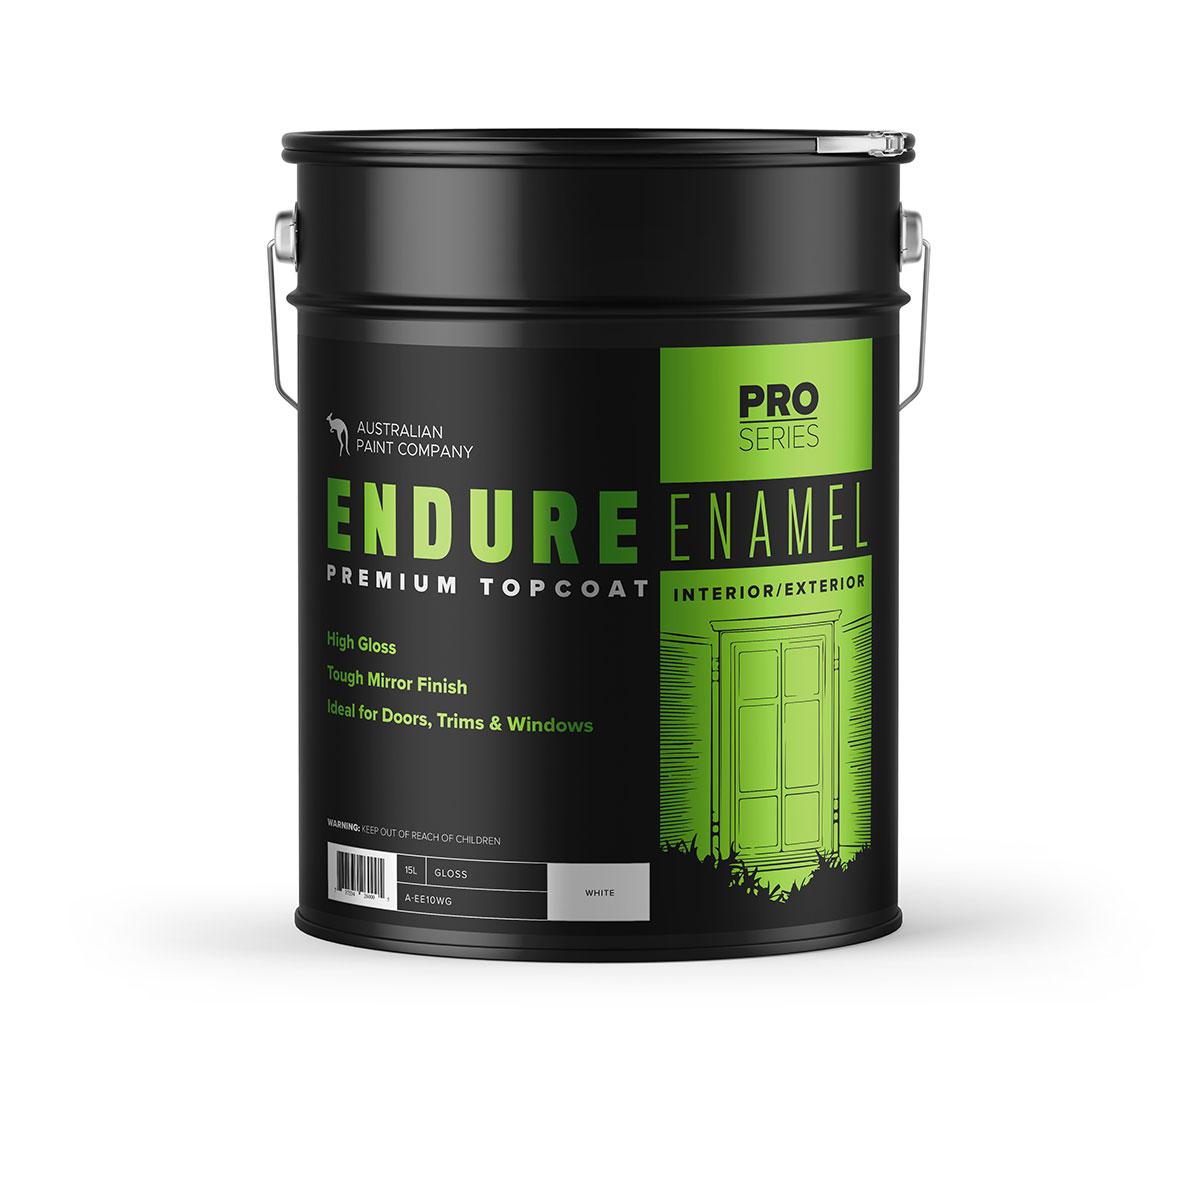 Endure Pro series